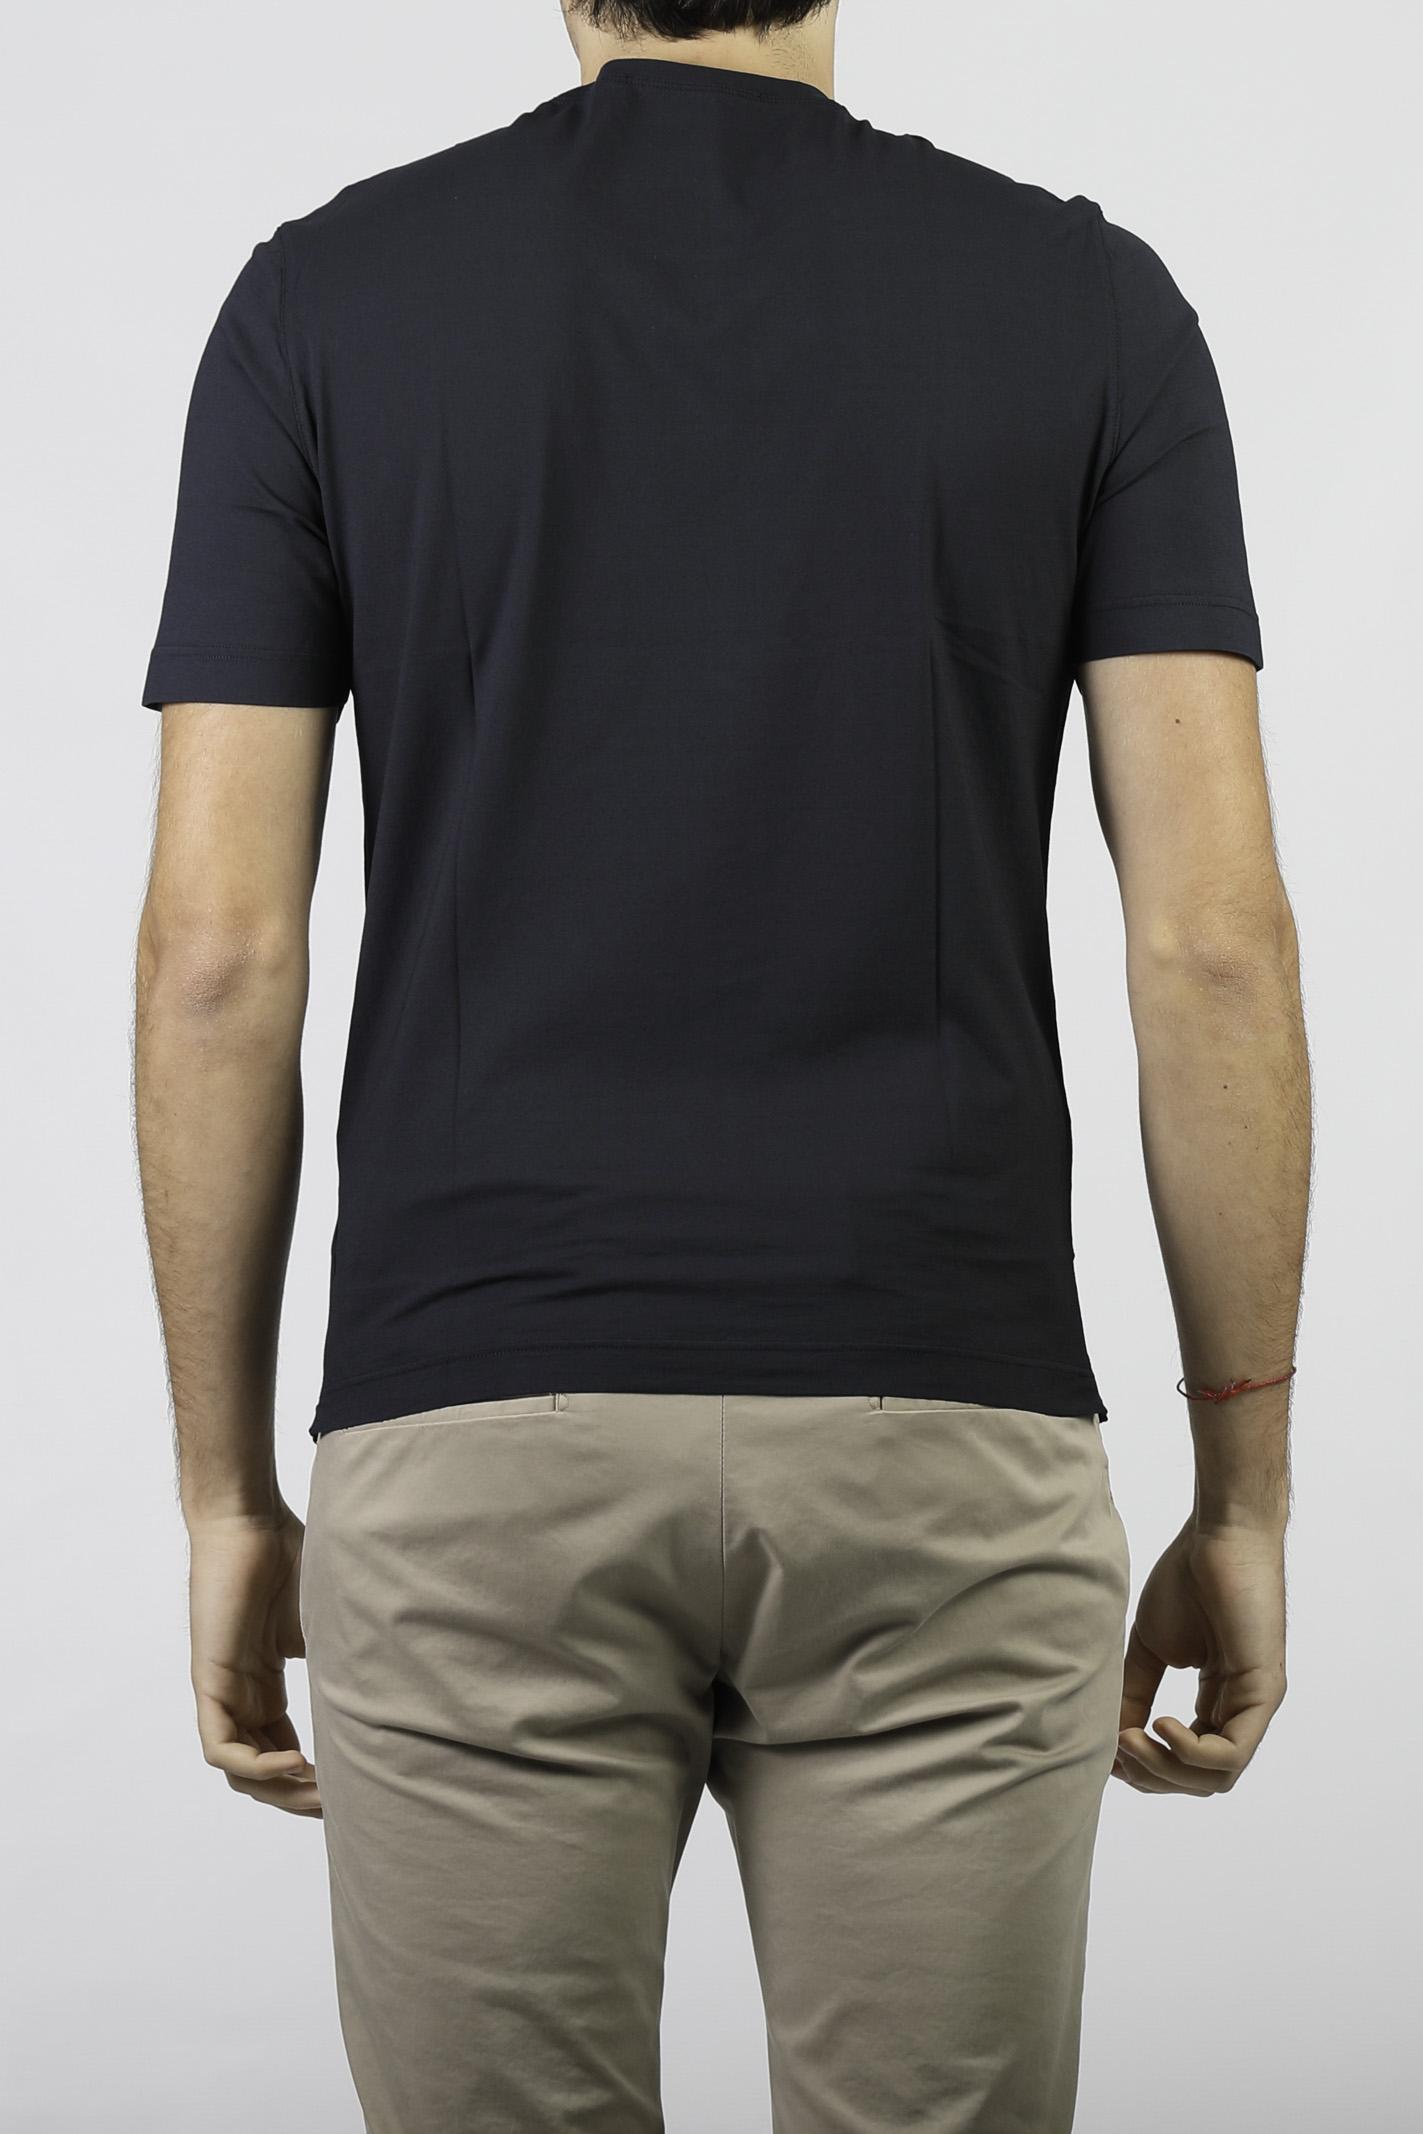 T-SHIRT IN COTONE LARDINI | T-shirt | ELLTMC22-EL56022850